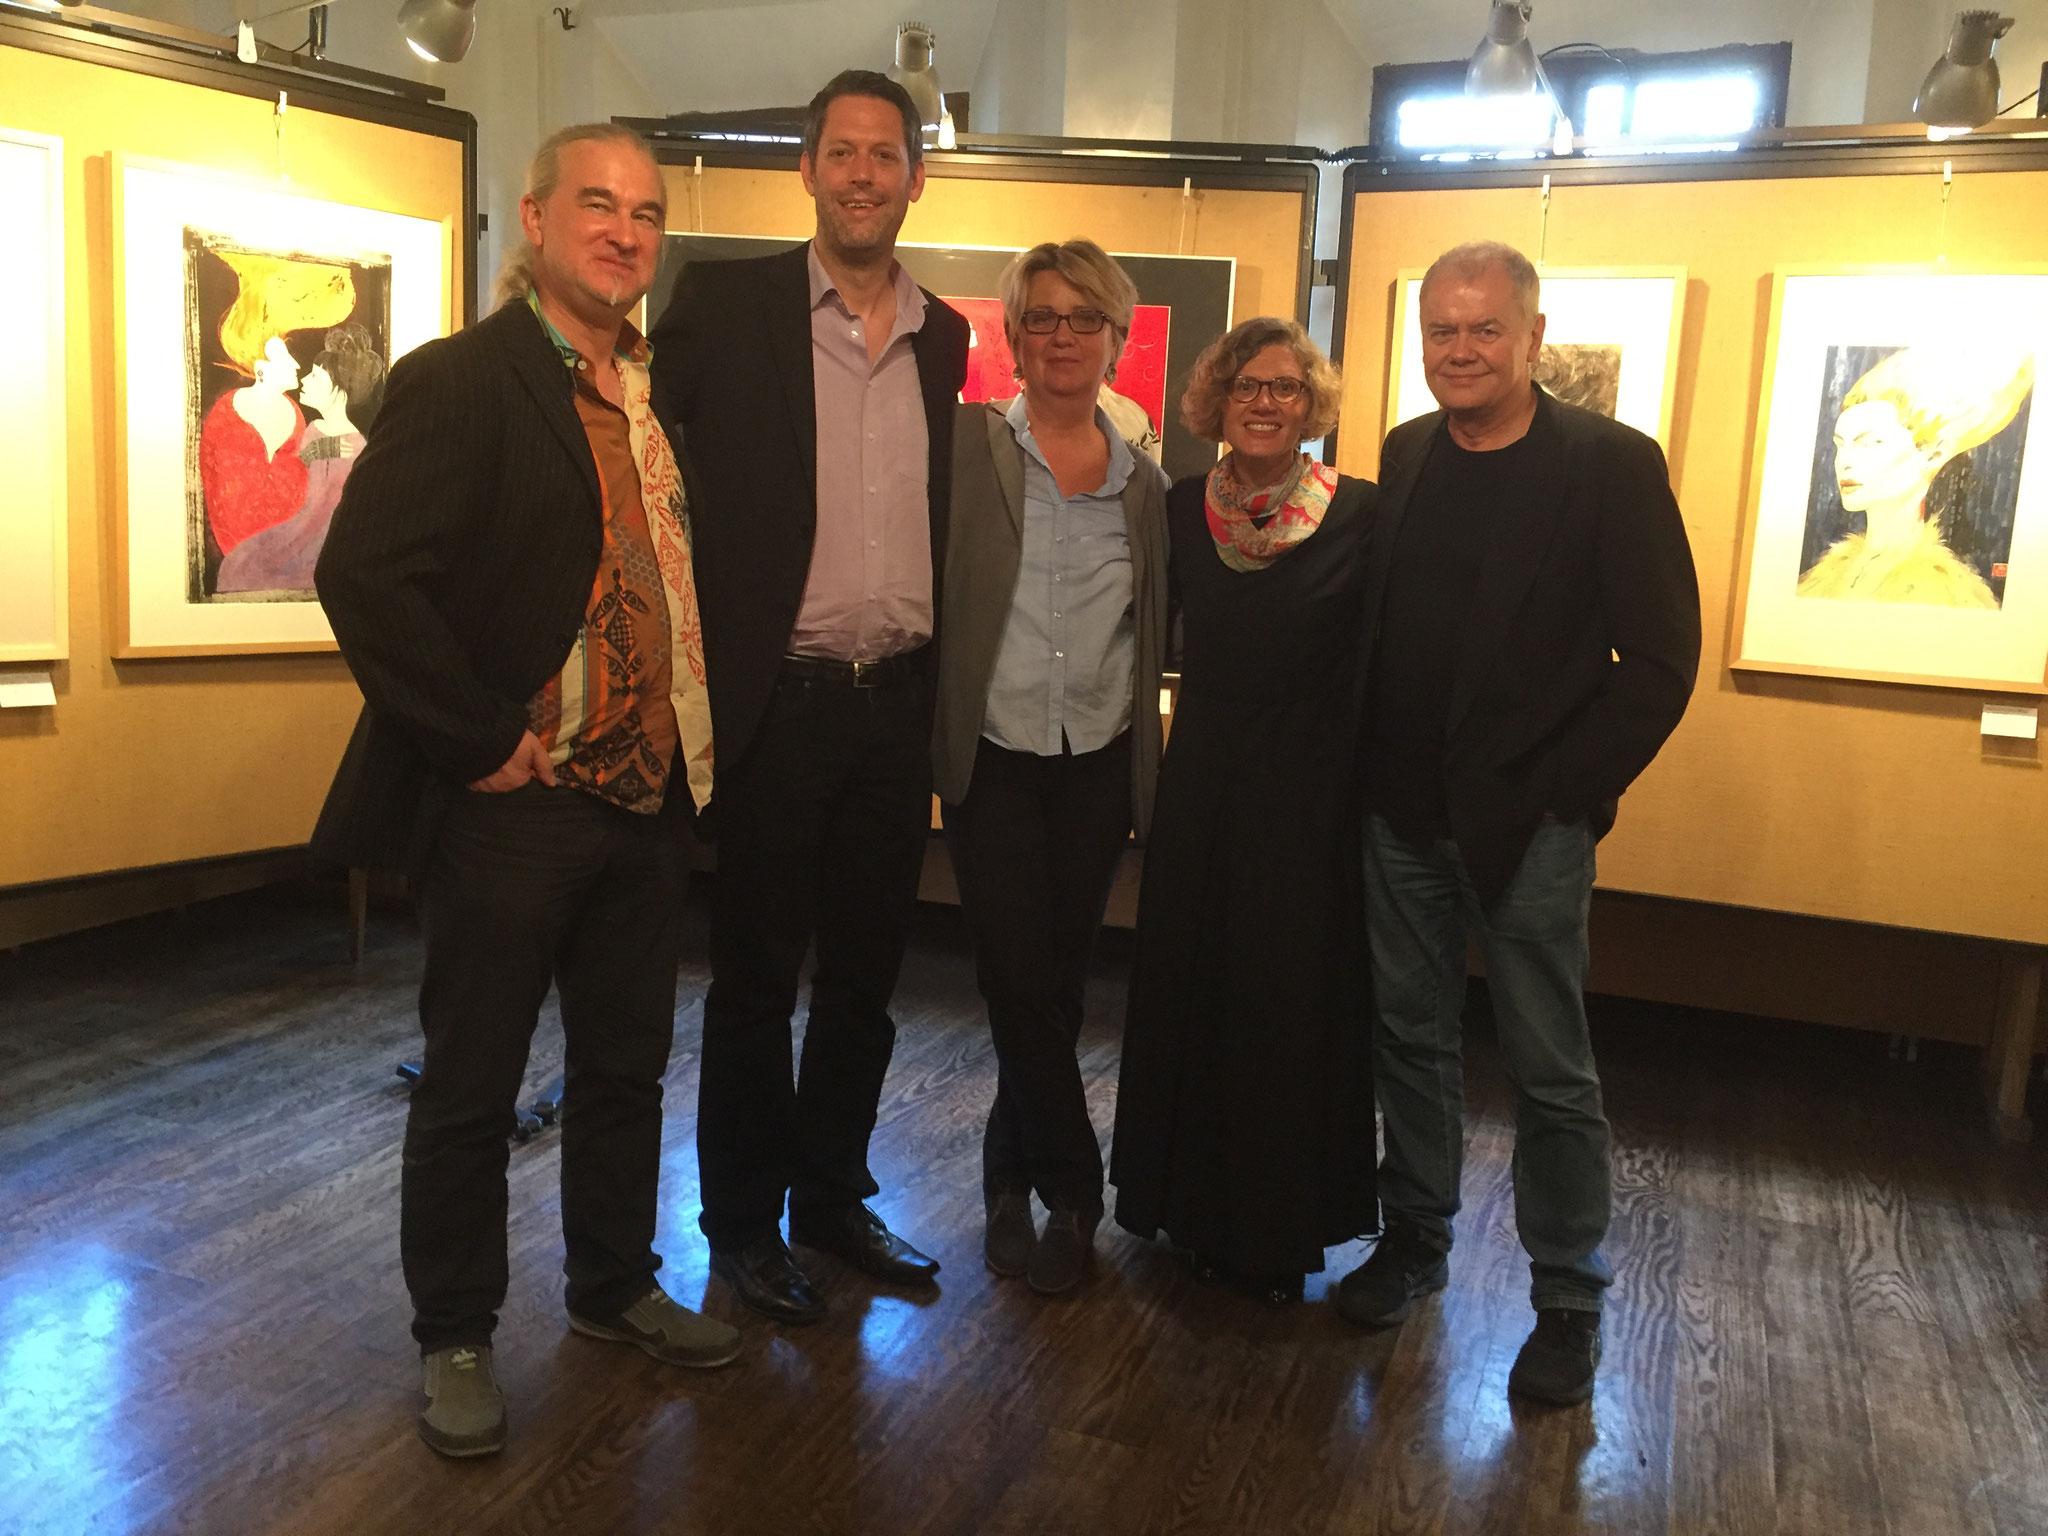 v.l.n.r.: mitwirkende Realtraum-Mitglieder: Dr. Karsten Beuchert, 2. Vorsitzender Jan-Eike Hornauer, Monika Veth, Kristina Kuzminskaite, Lothar Thiel